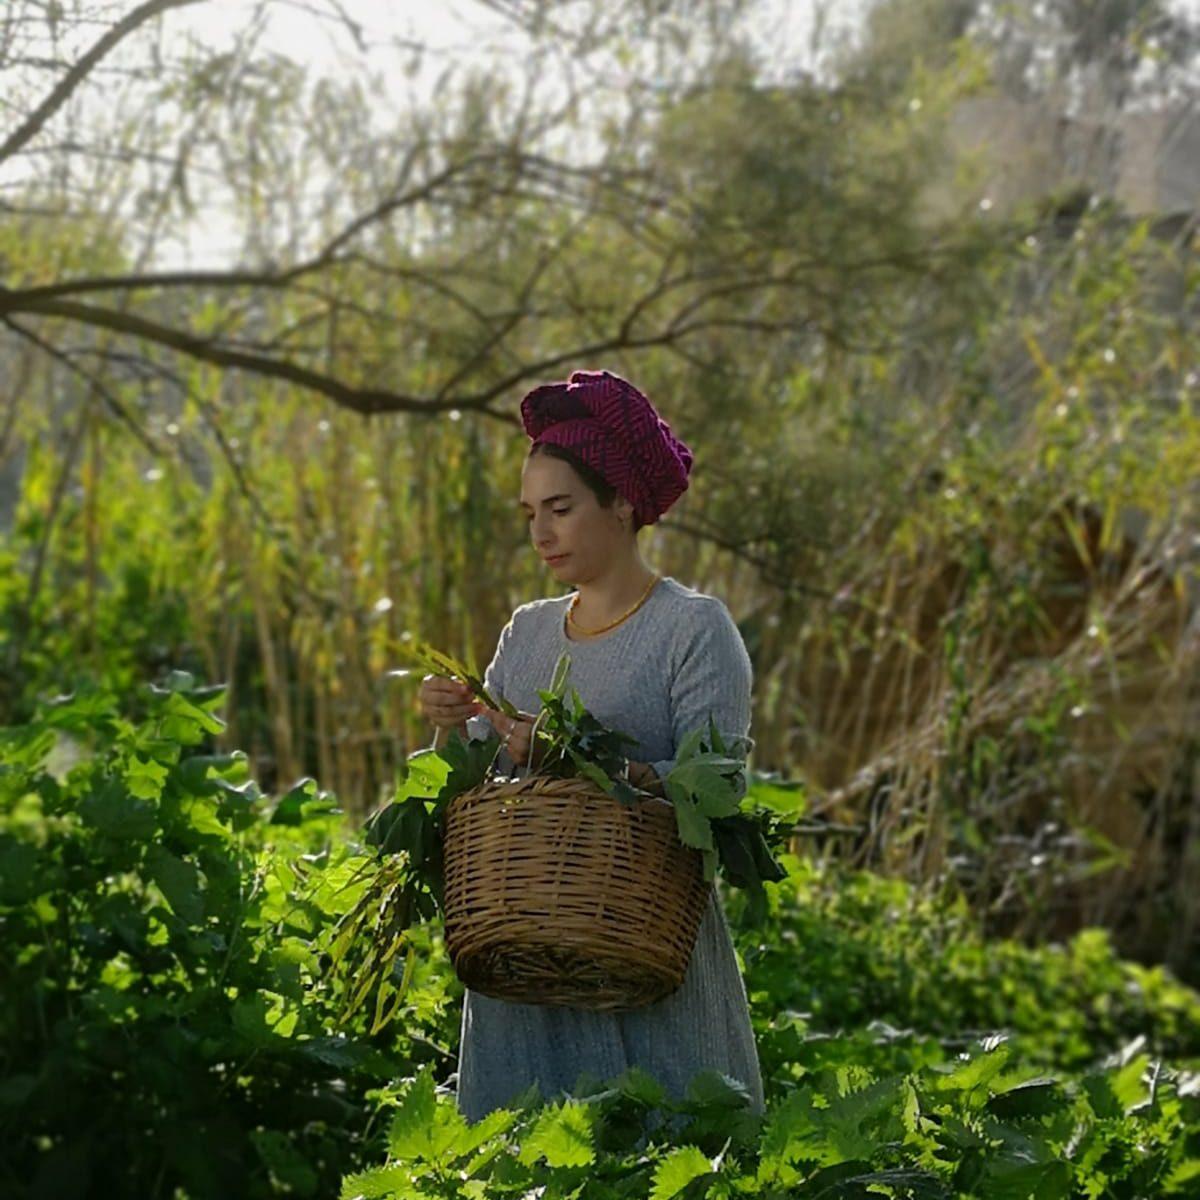 אסתר לחמן מלקטת צמחי מרפא